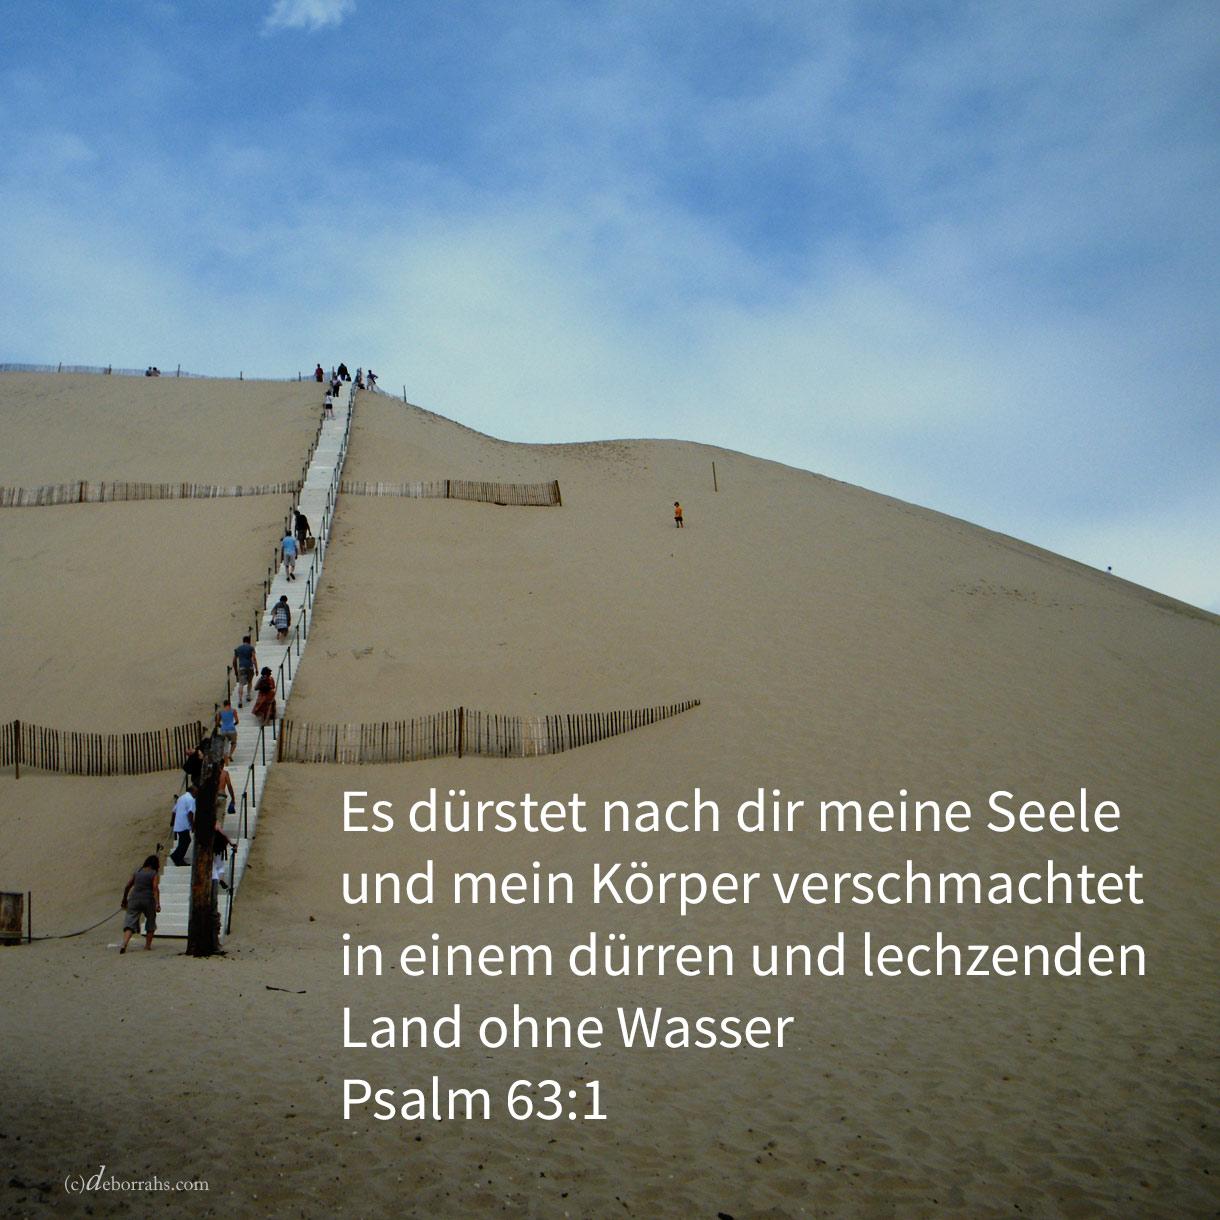 Es dürstet nach dir meine Seele, nach dir schmachtet mein Fleisch in einem dürren und lechzenden Lande ohne Wasser ( Psalm 63,1 )